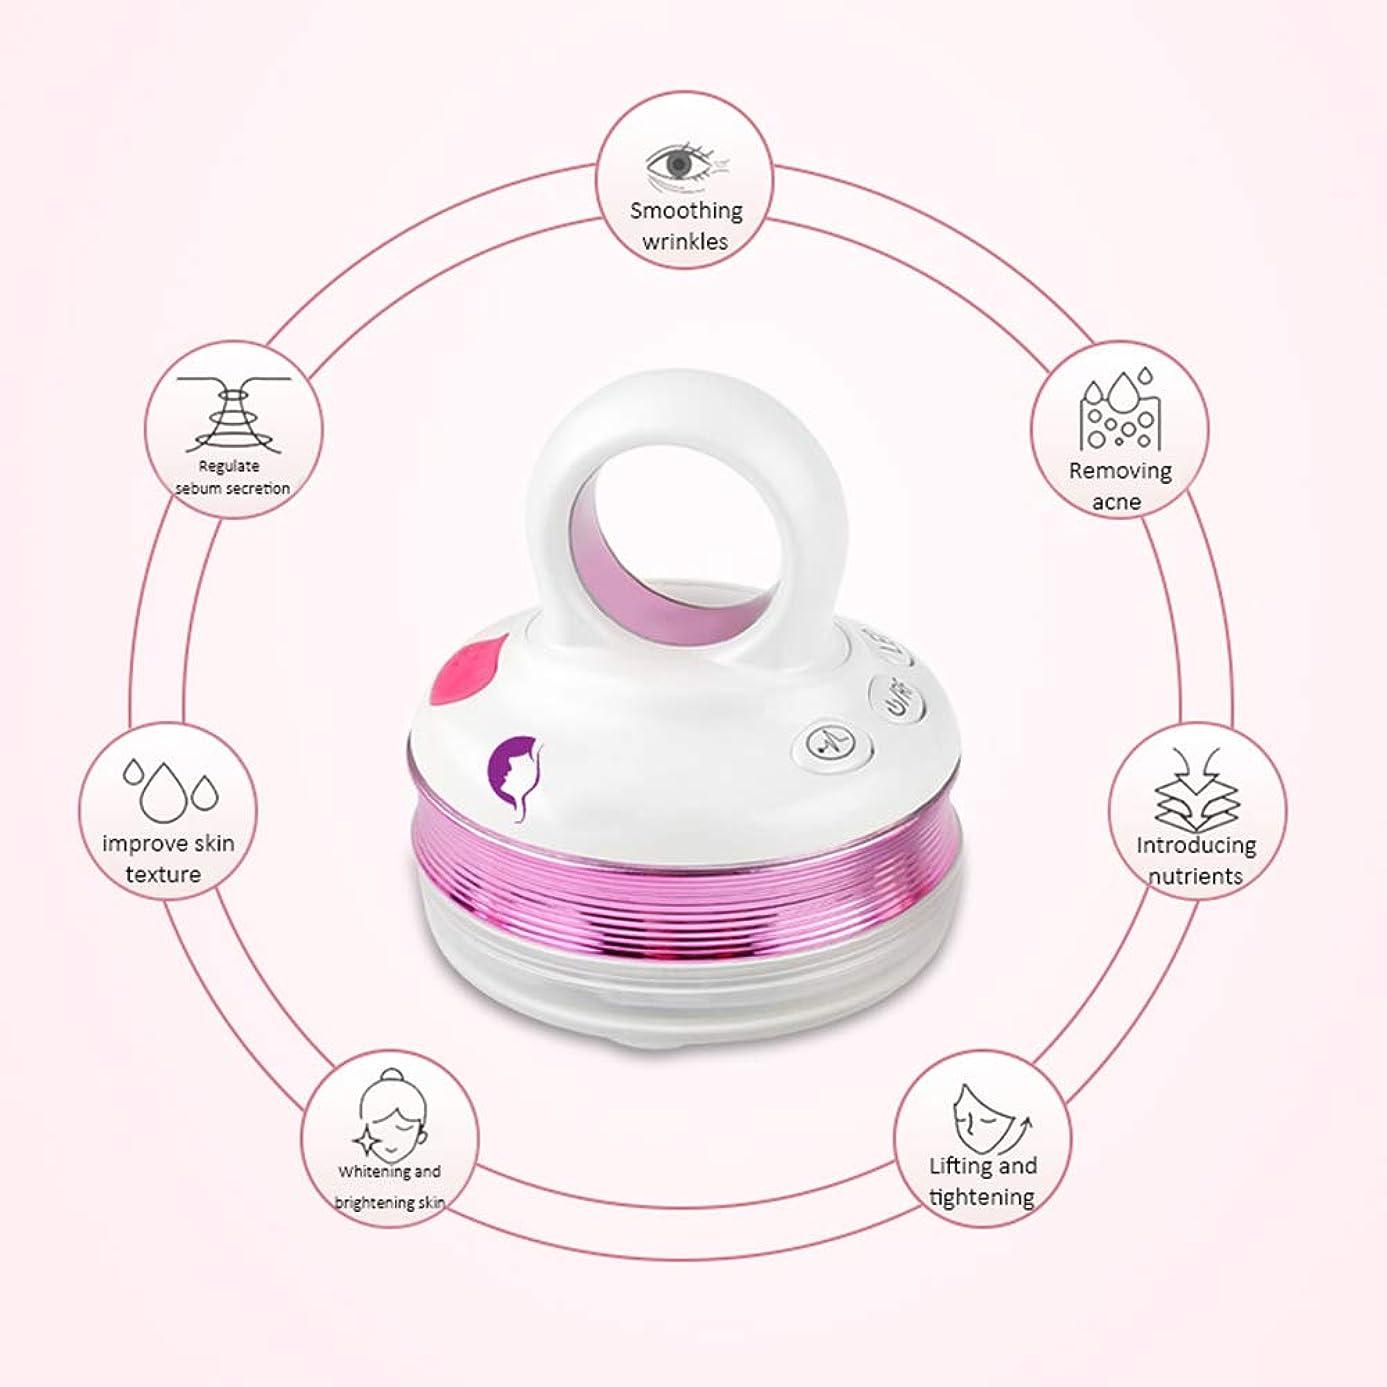 ライター申込み透けるRFラジオ周波数フェイシャルマシン、EMSマッサージャー、ハンドヘルドフェイシャルイオン導入美容機器、家庭用美容機器振動機器,Purple